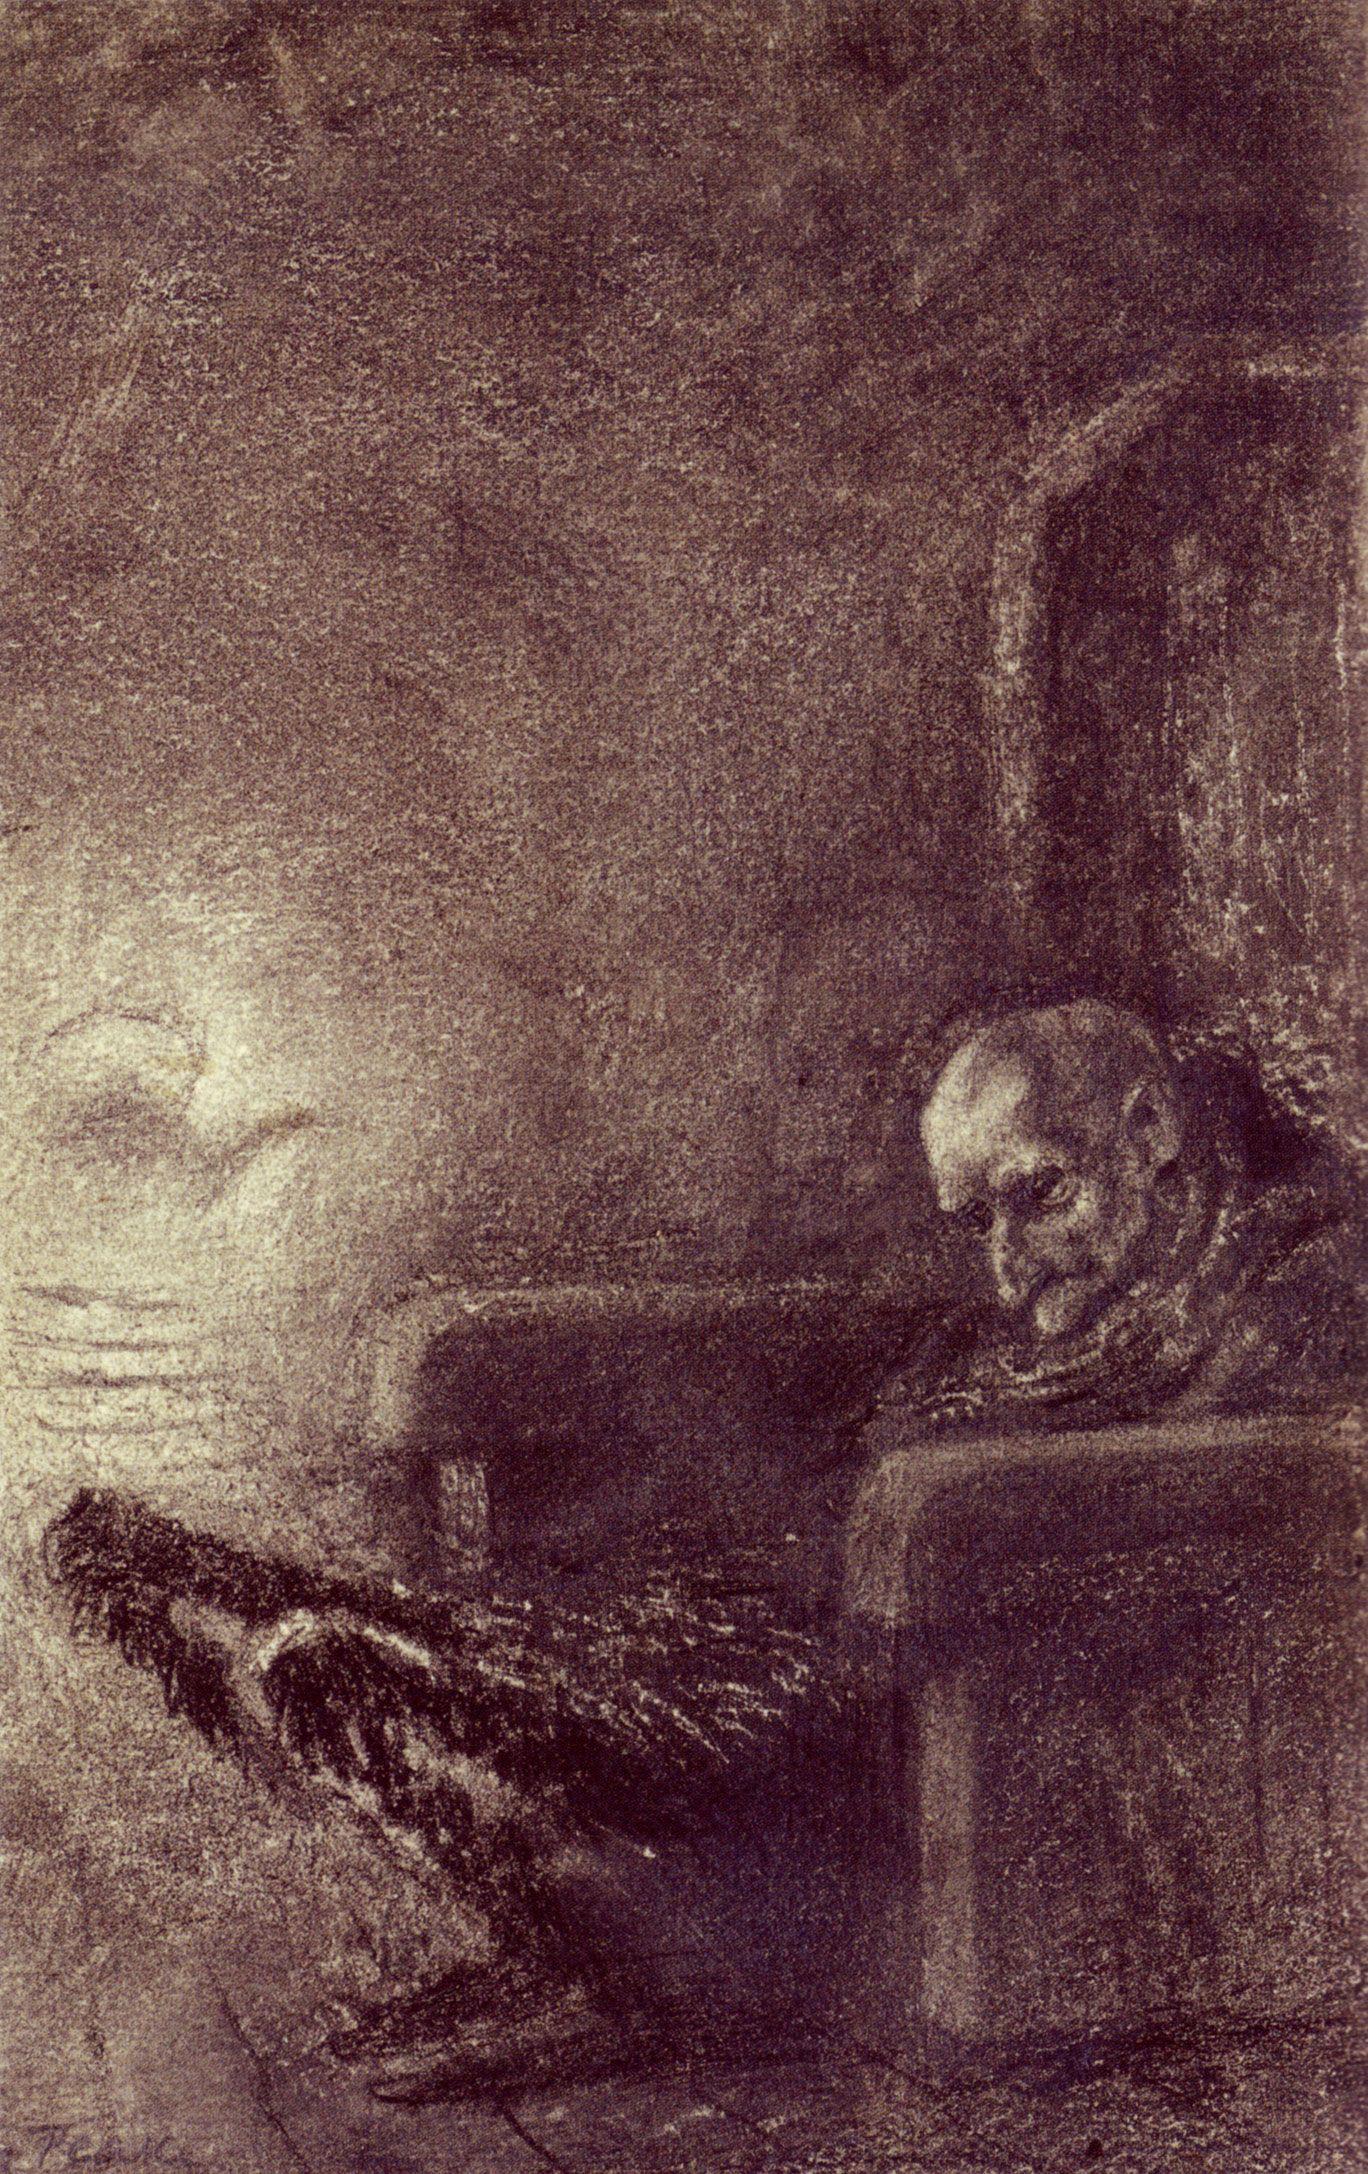 Image result for bleak house illustrations Mervyn Peake